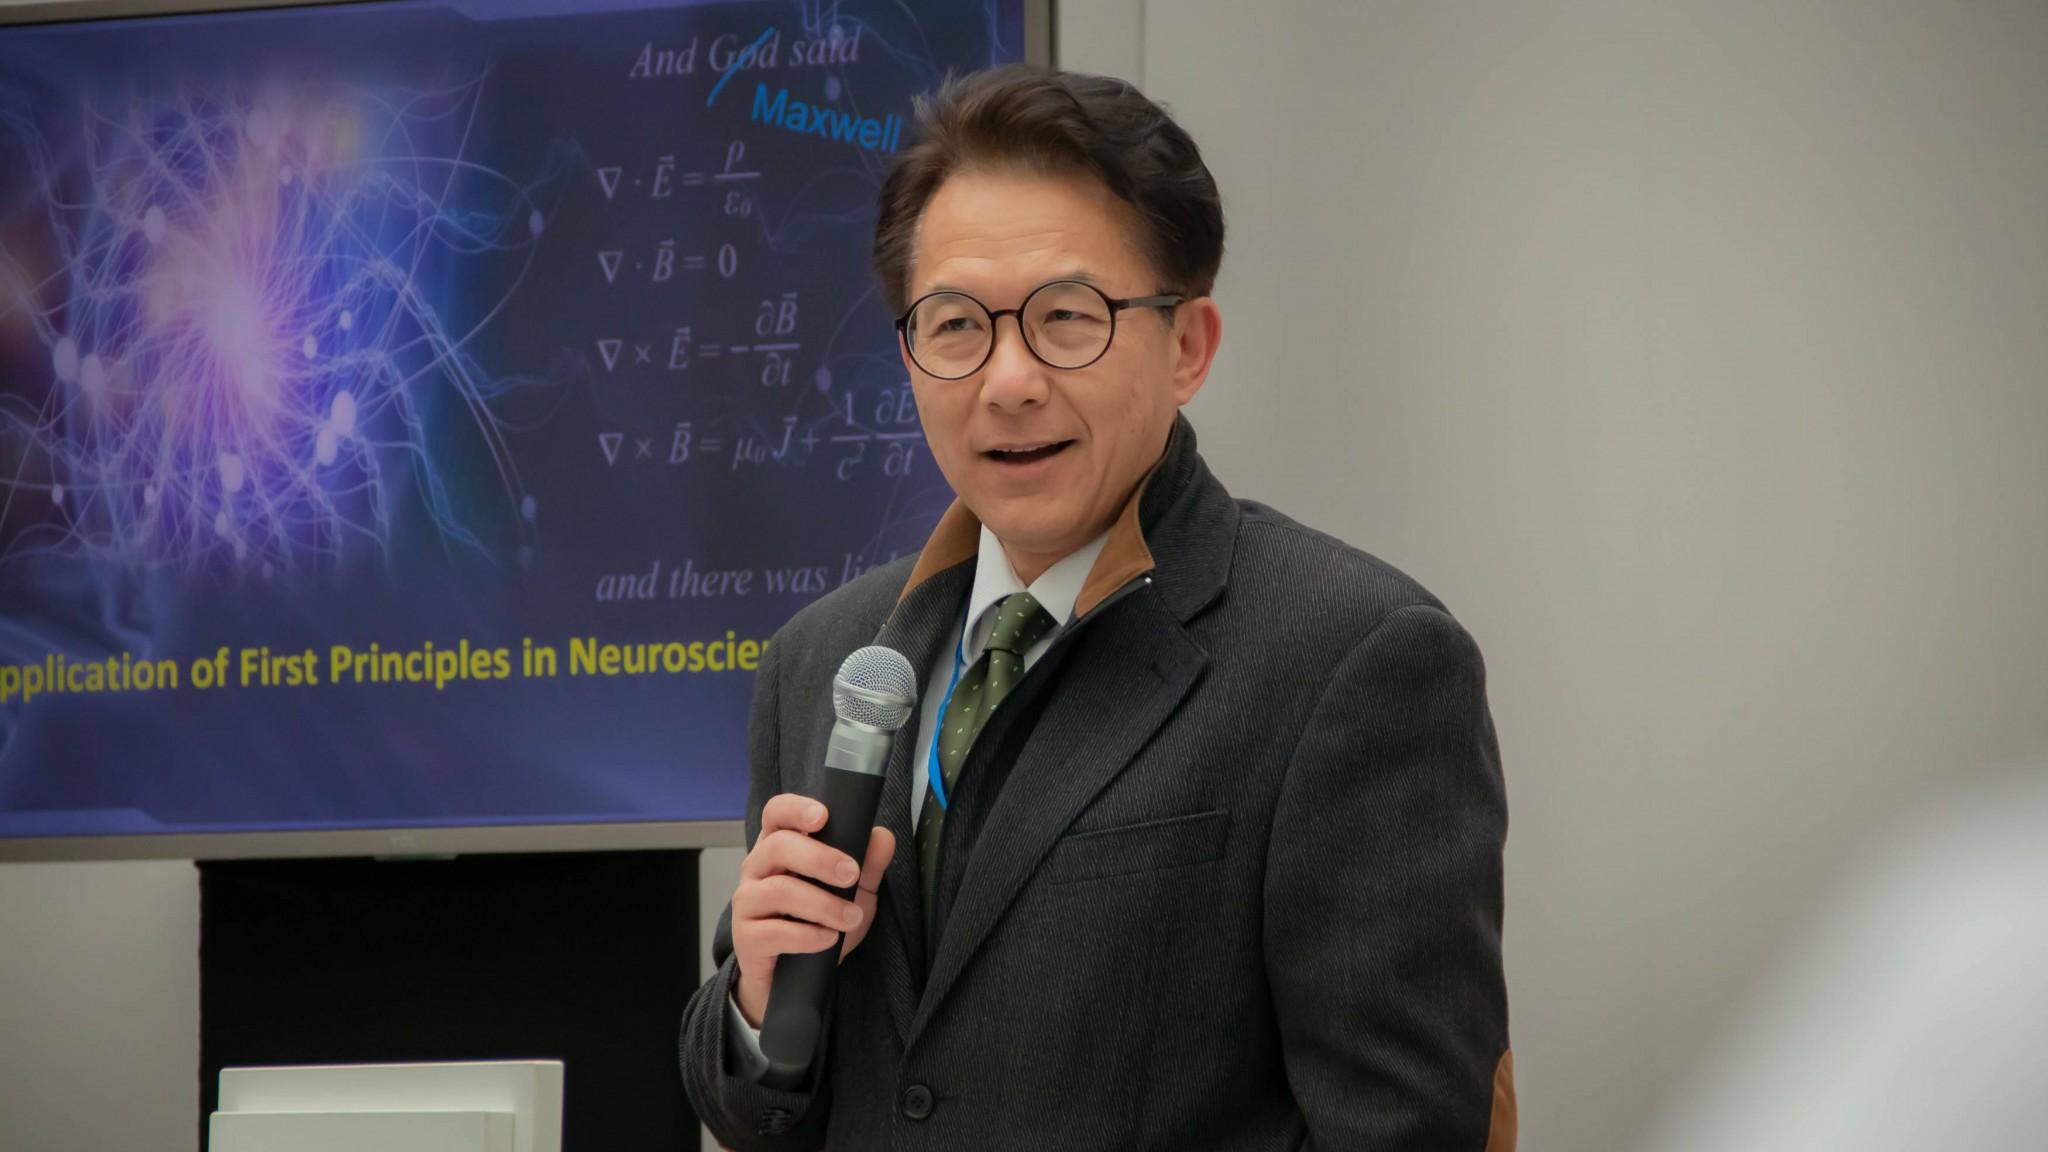 Фото: Профессор Йи Цзинь (научный сотрудник Центра нейрореабилитации Университета Южной Калифорнии, директор Центра лечения патологий мозга).